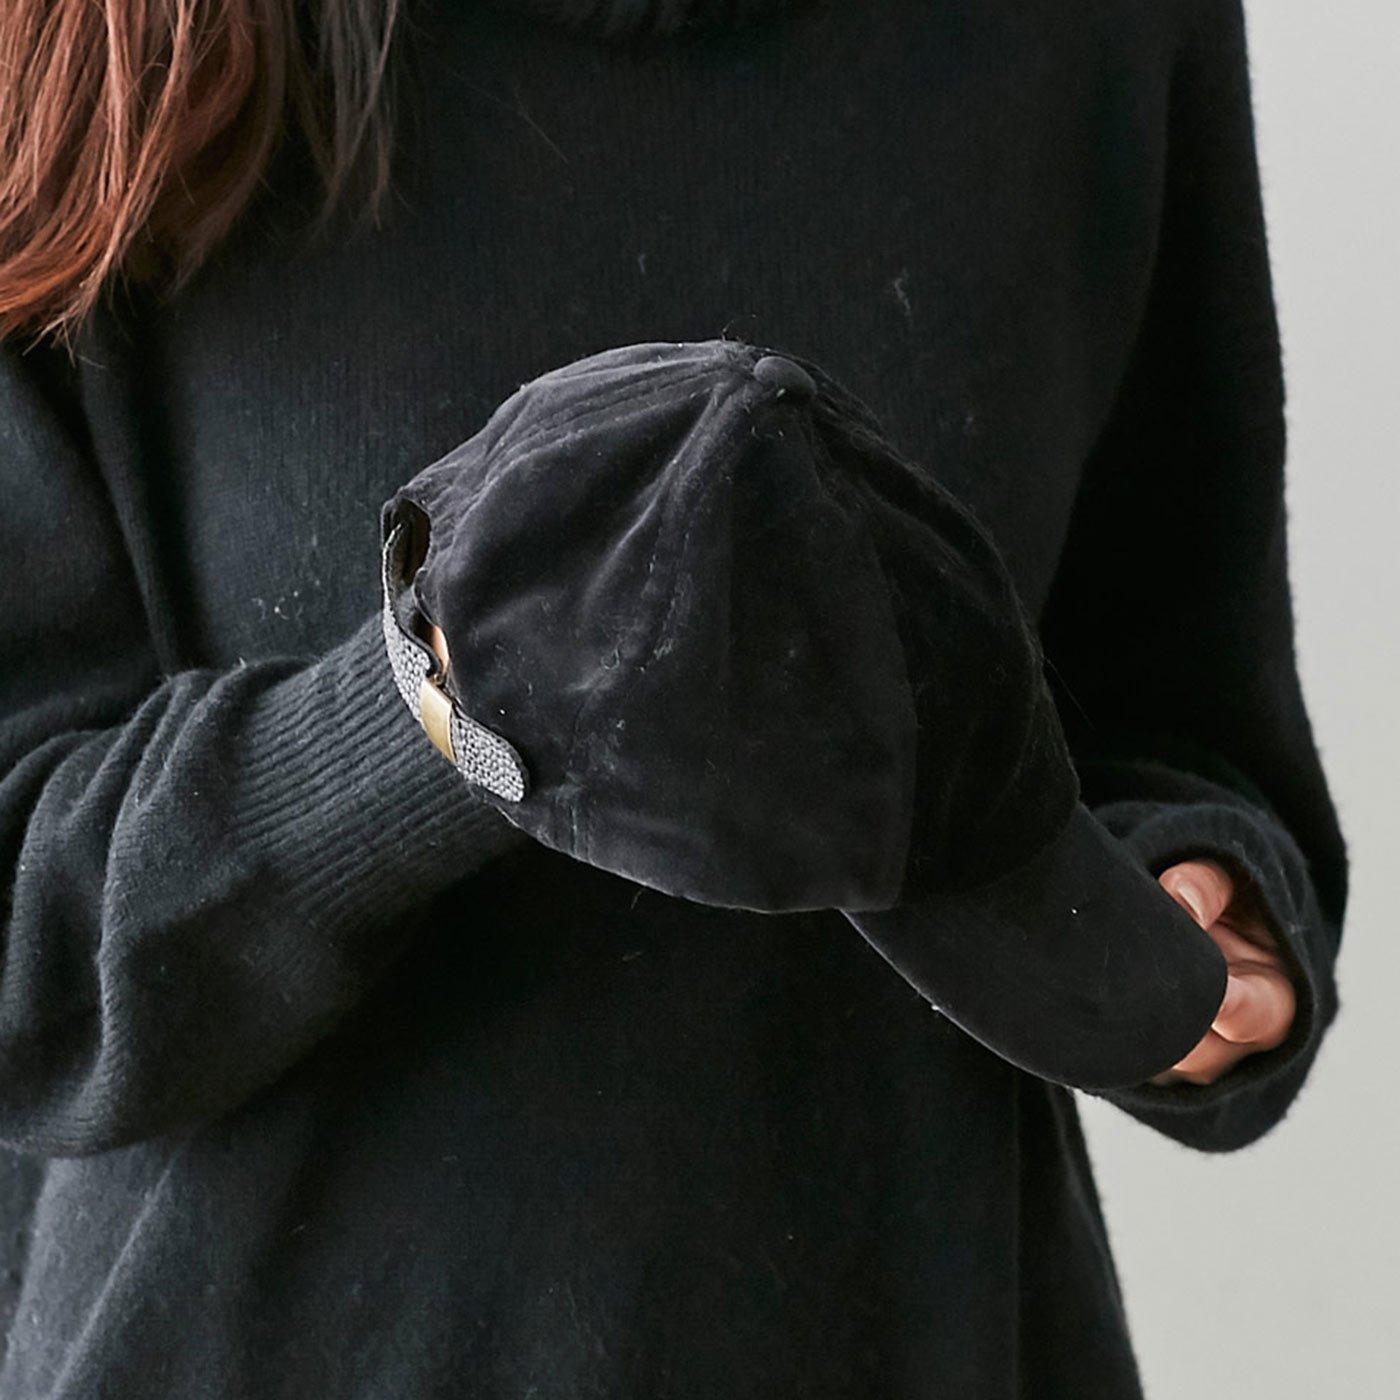 IEDIT[イディット] SELECT サイズ調節機能付き 旬の別珍キャップ〈ブラック〉